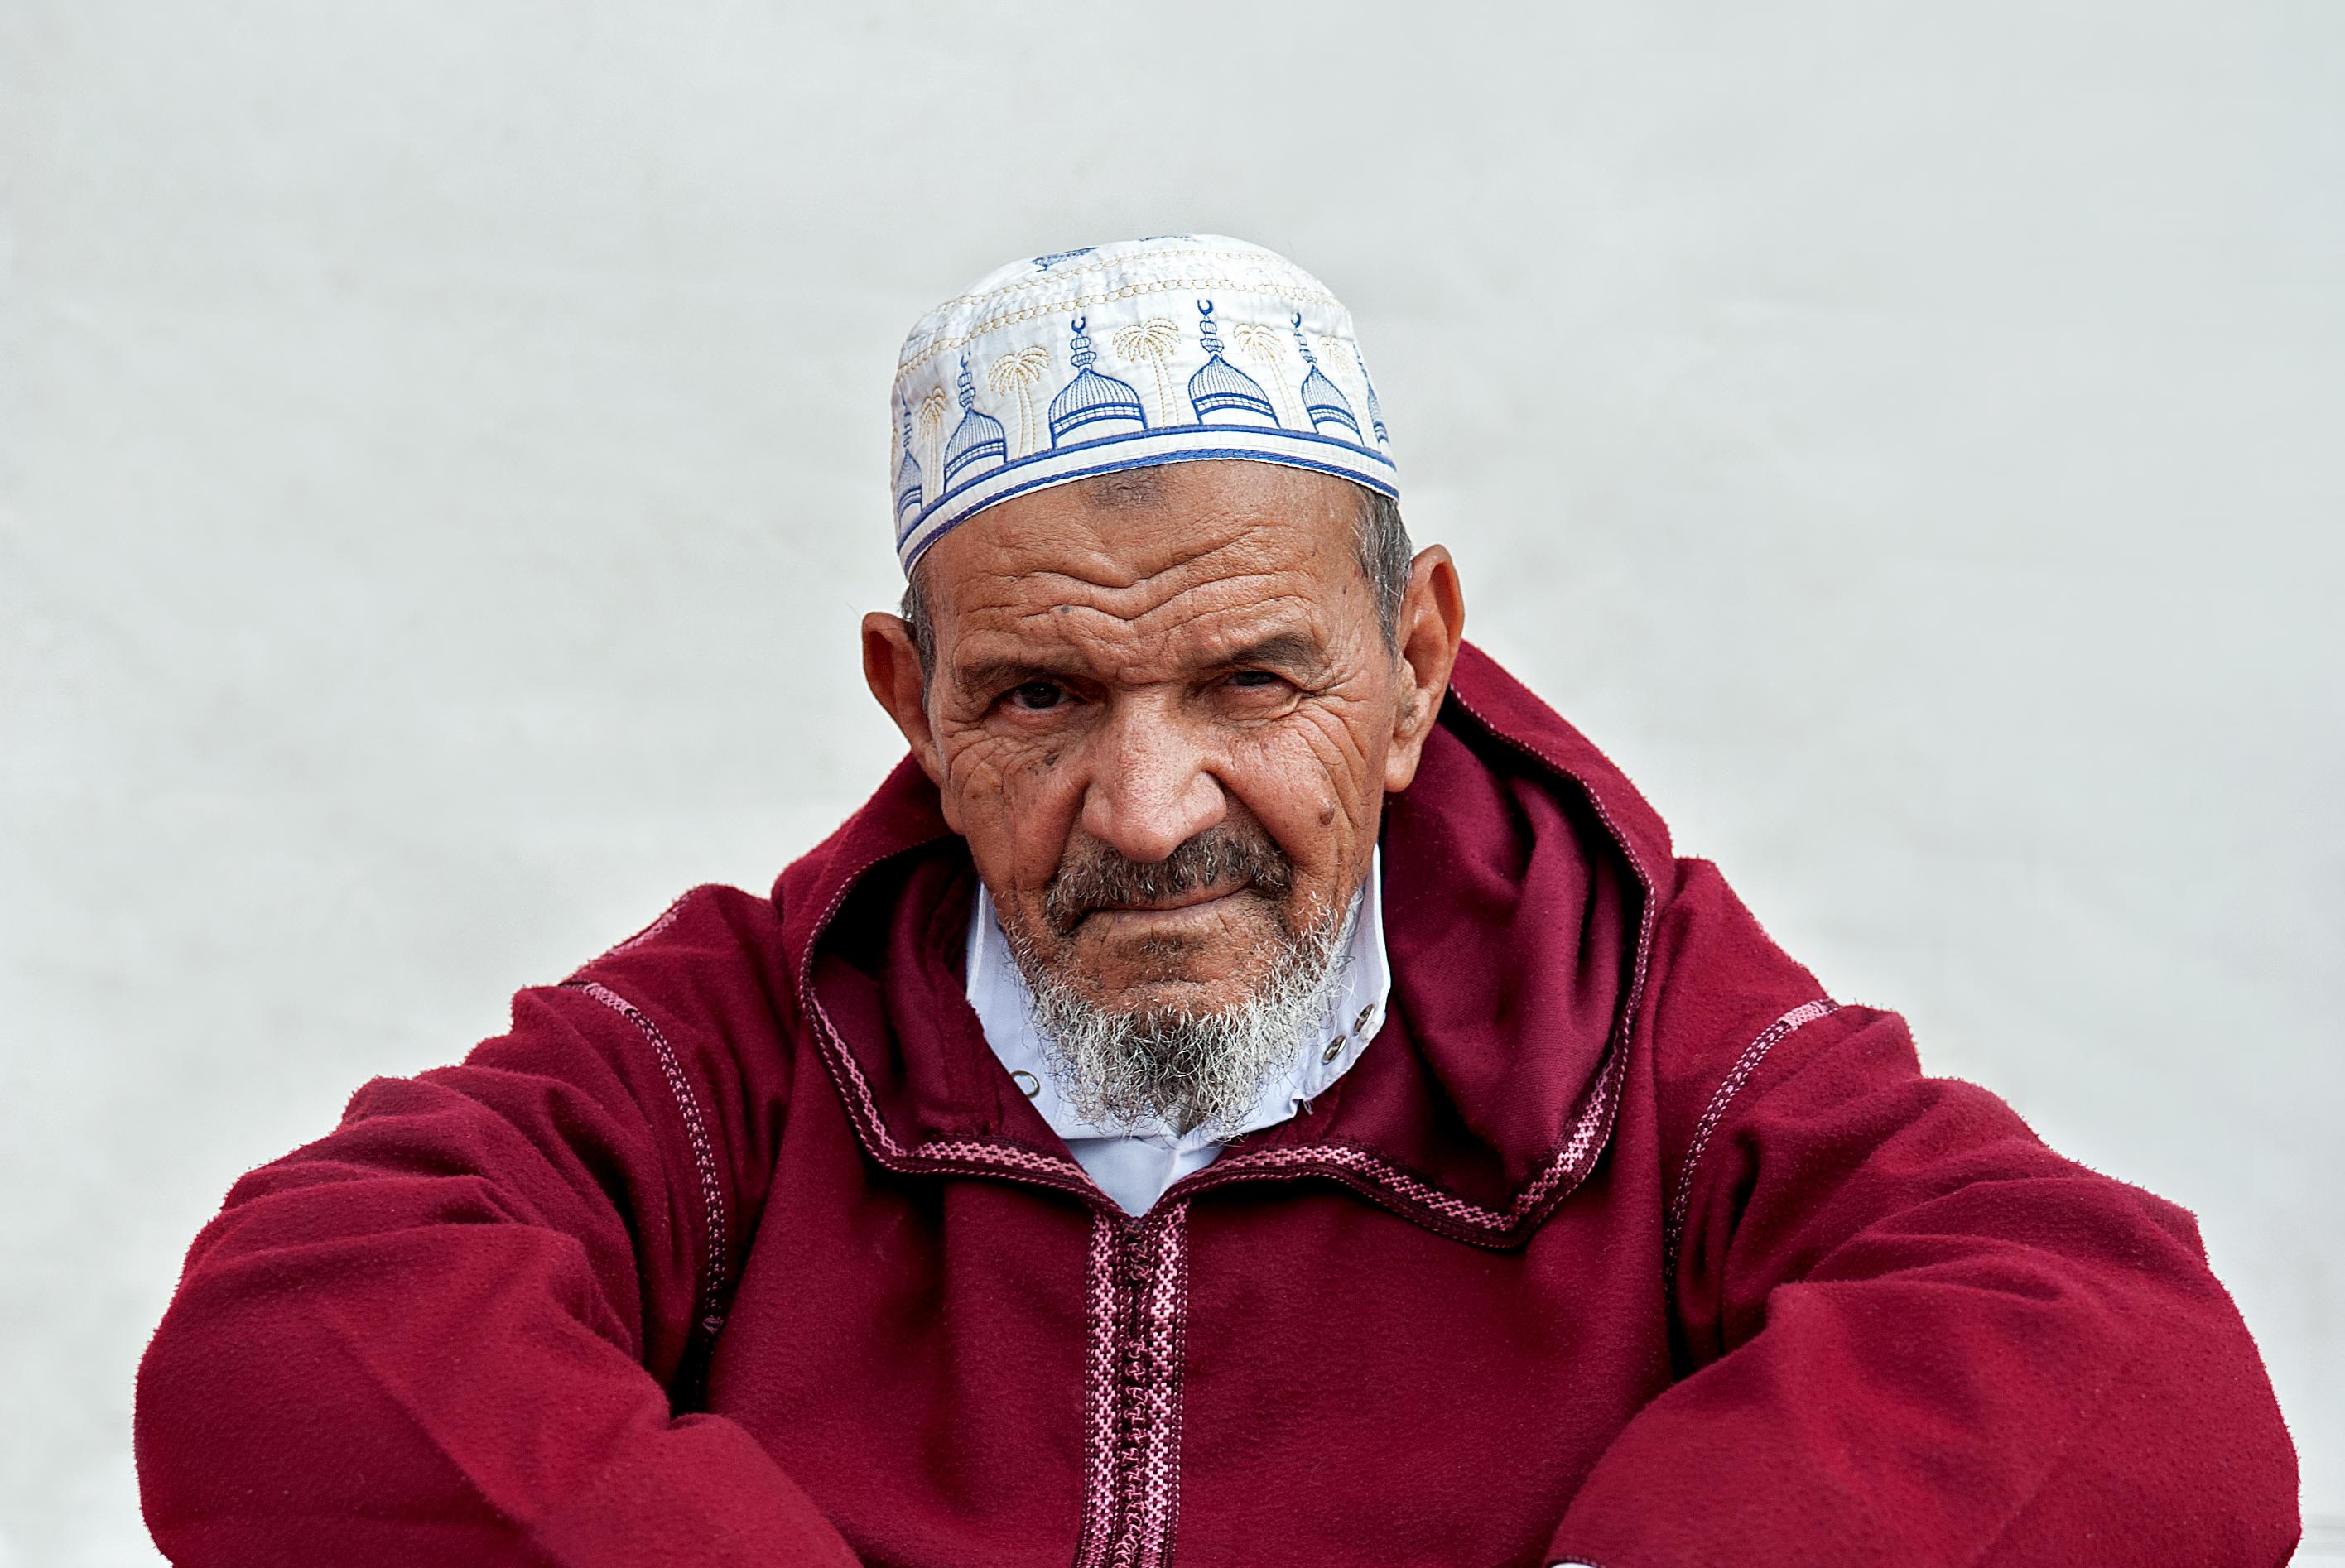 Muslim man, red & white portrait